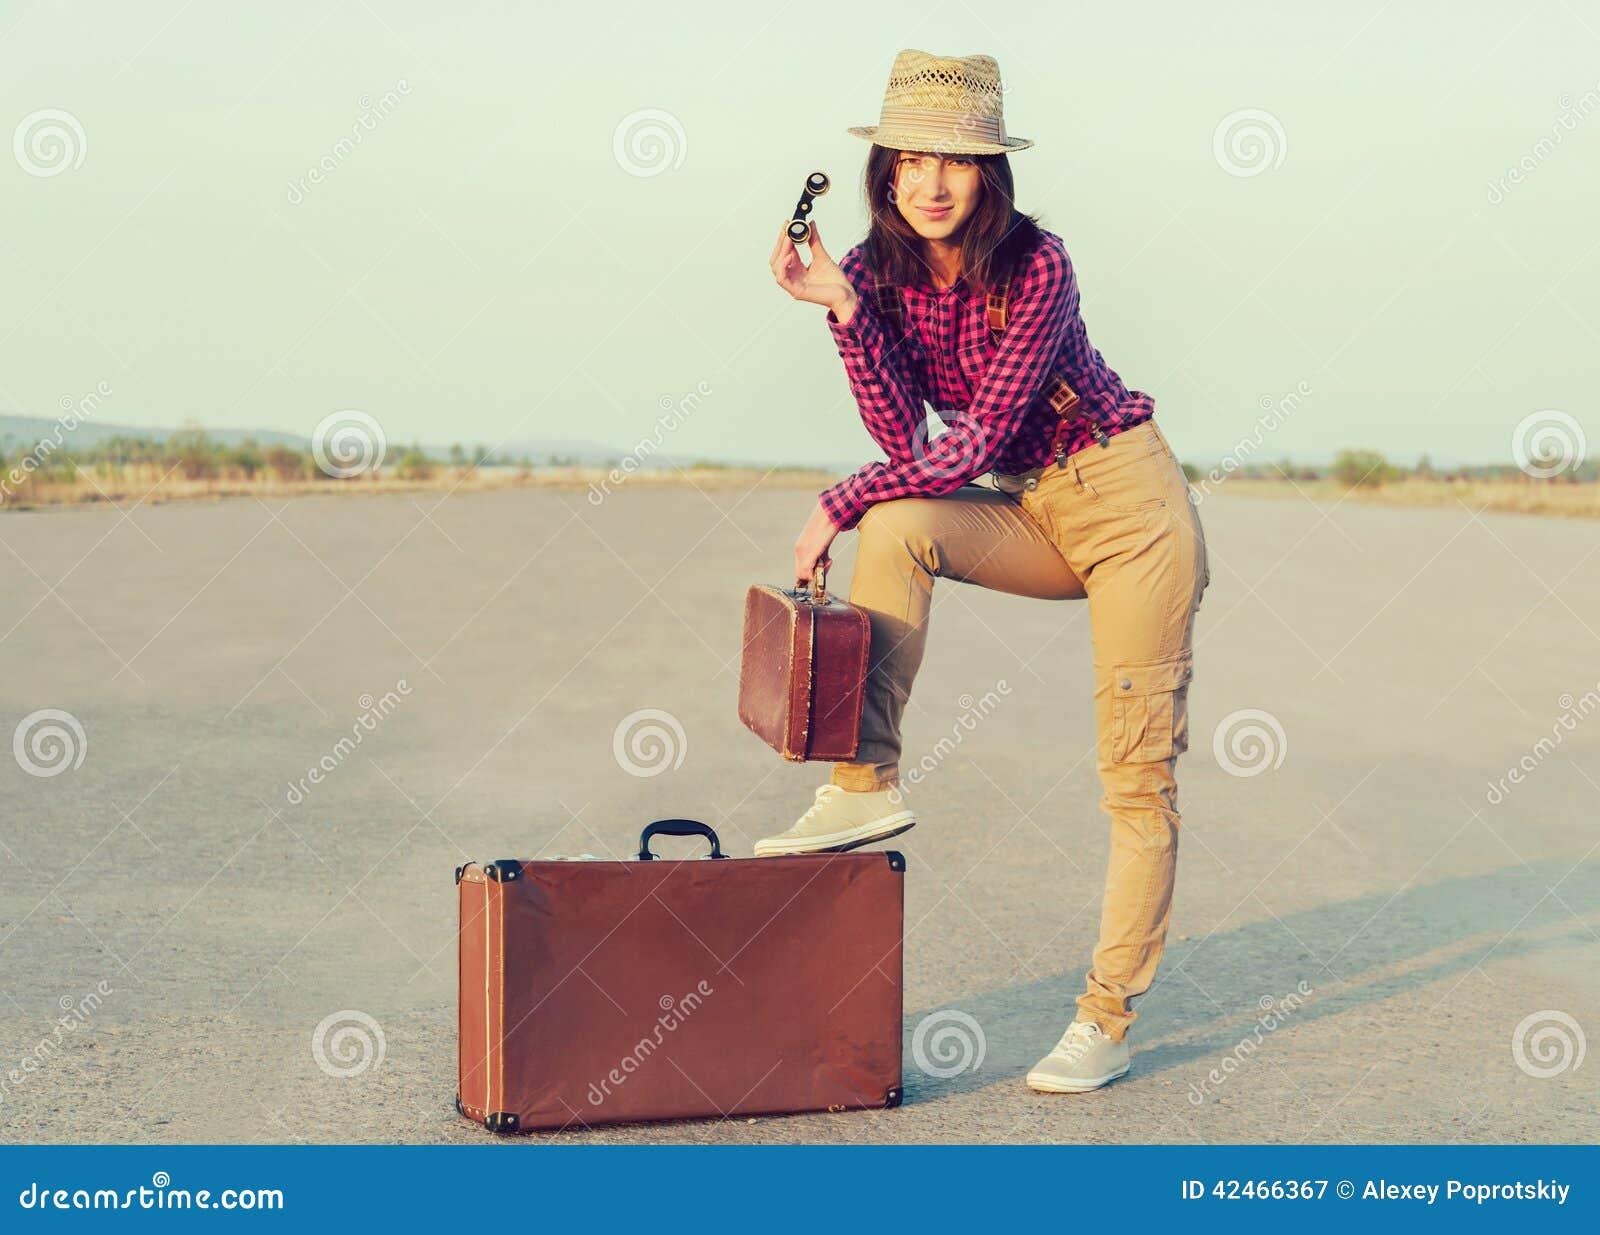 Reisender mit Ferngläsern und Koffer